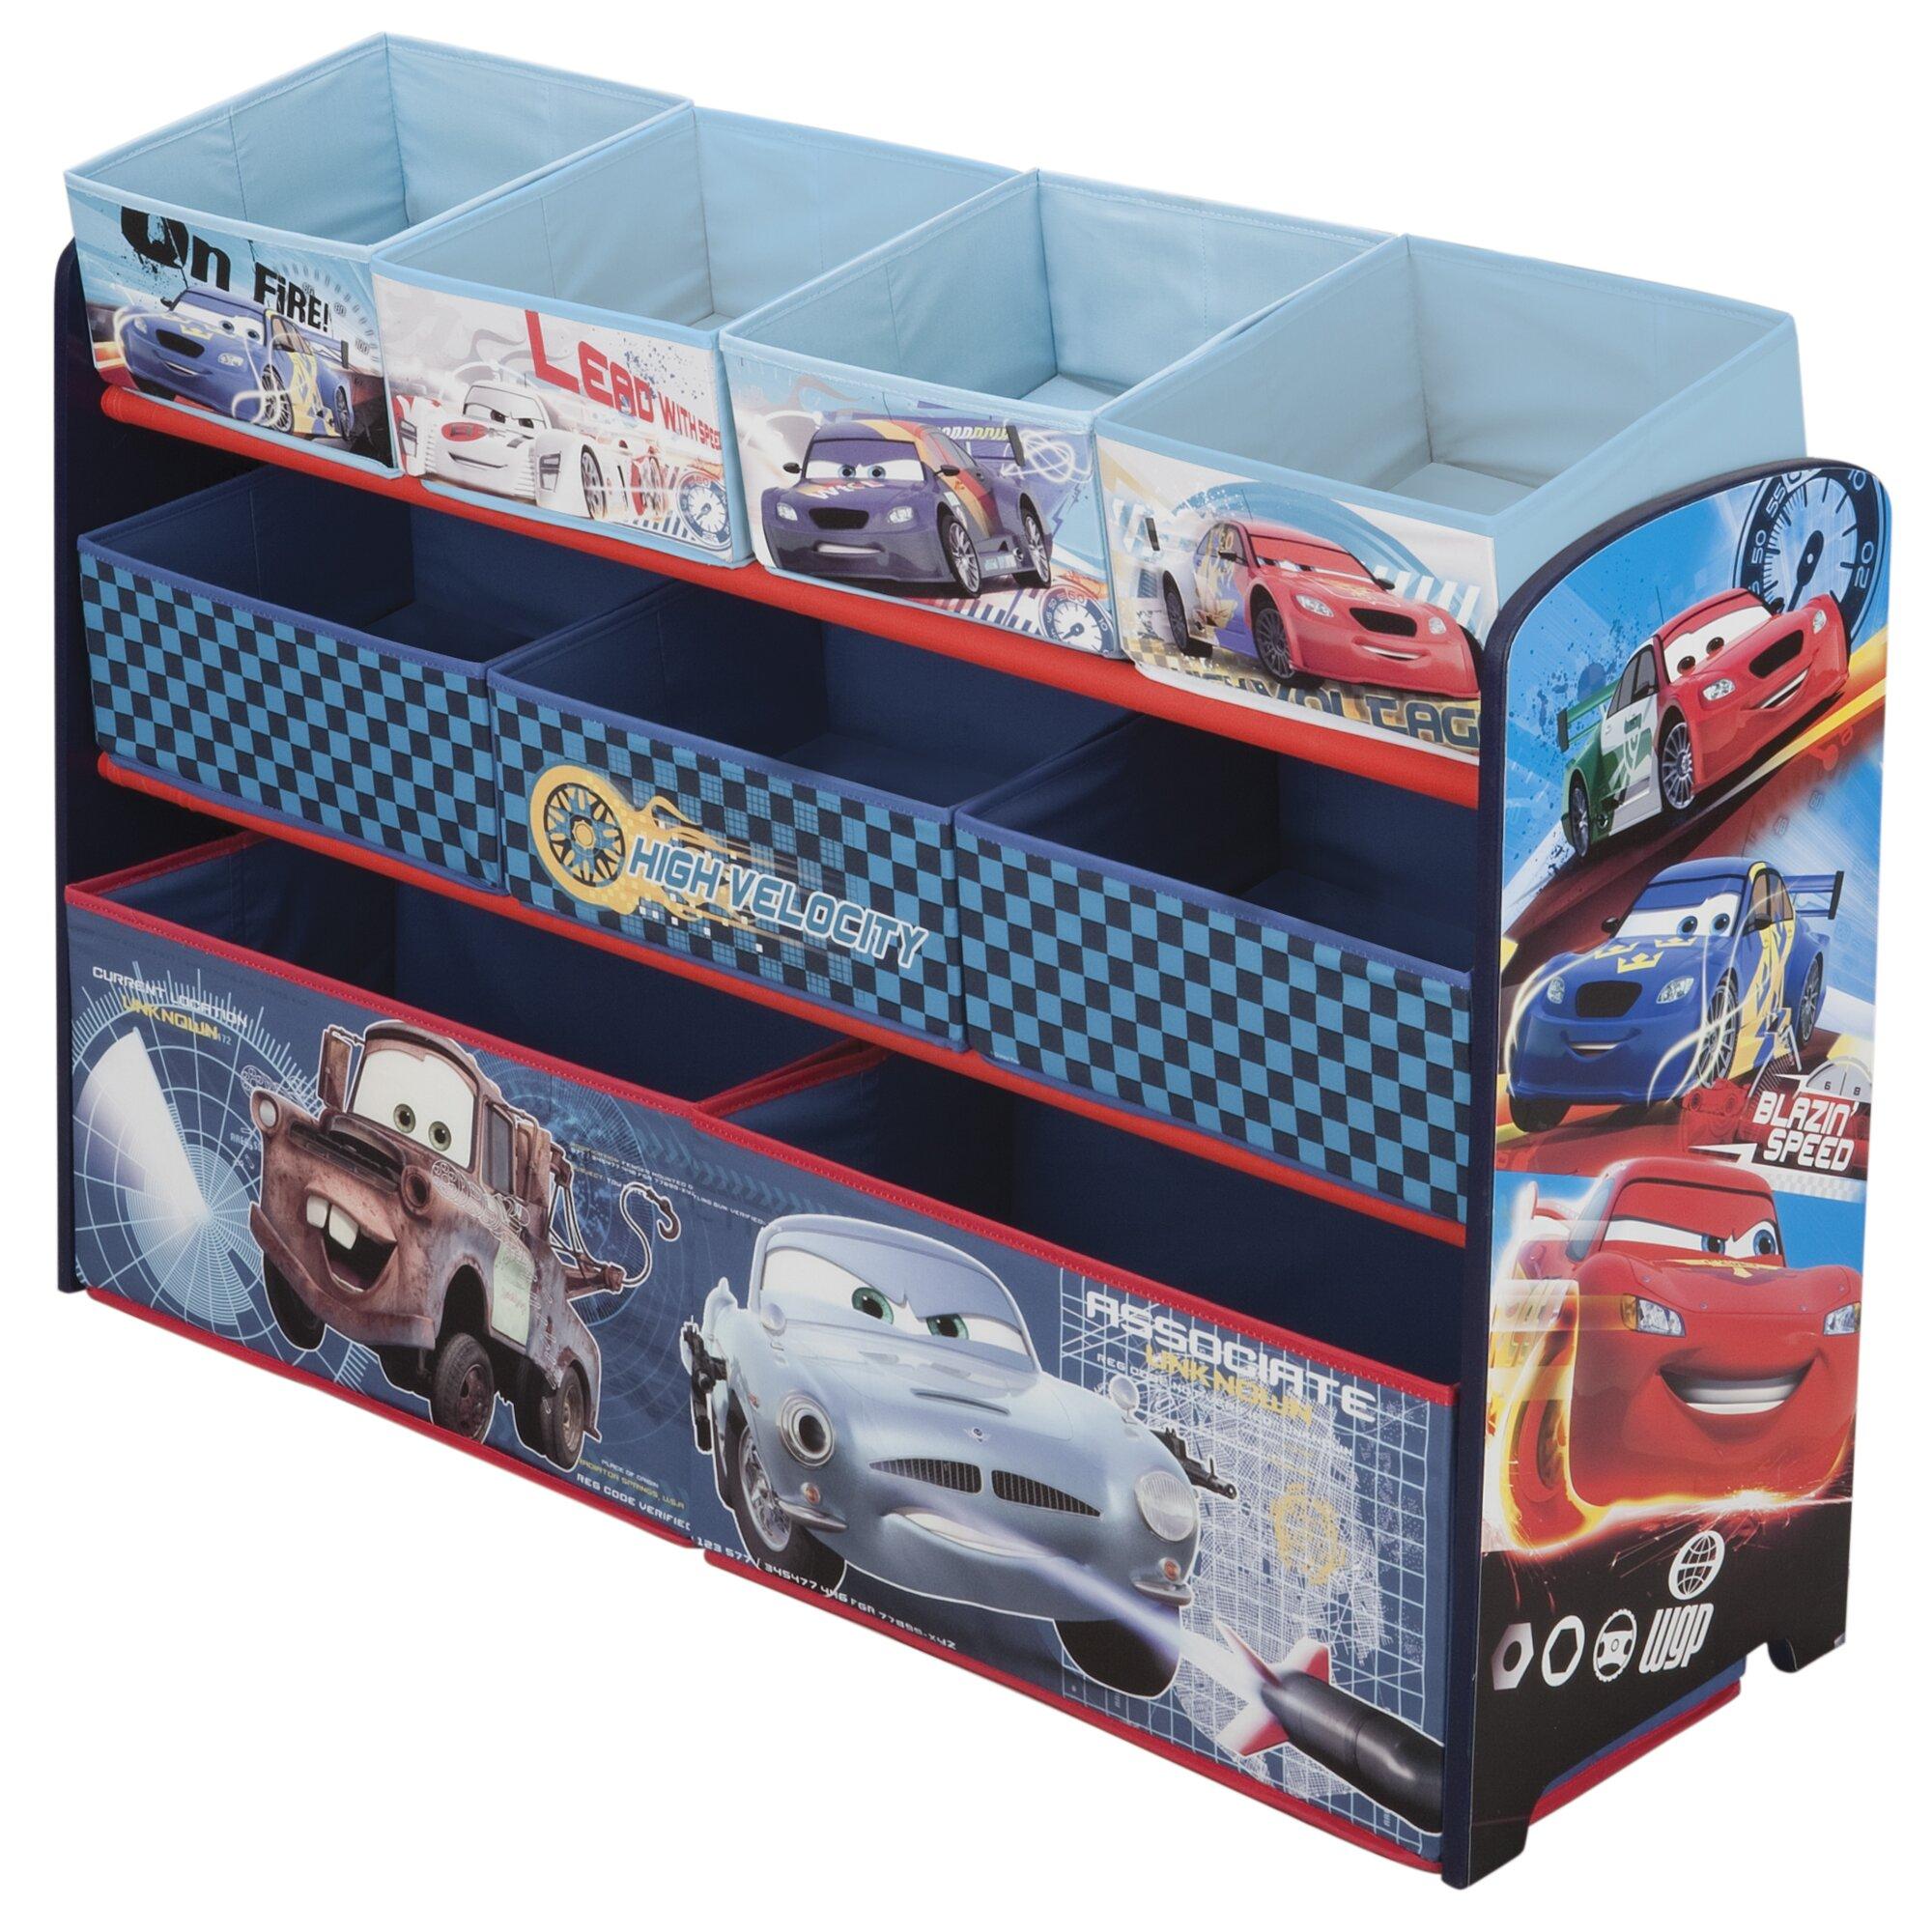 Car Toy Organizer : Disney pixar cars deluxe bin toy organizer wayfair